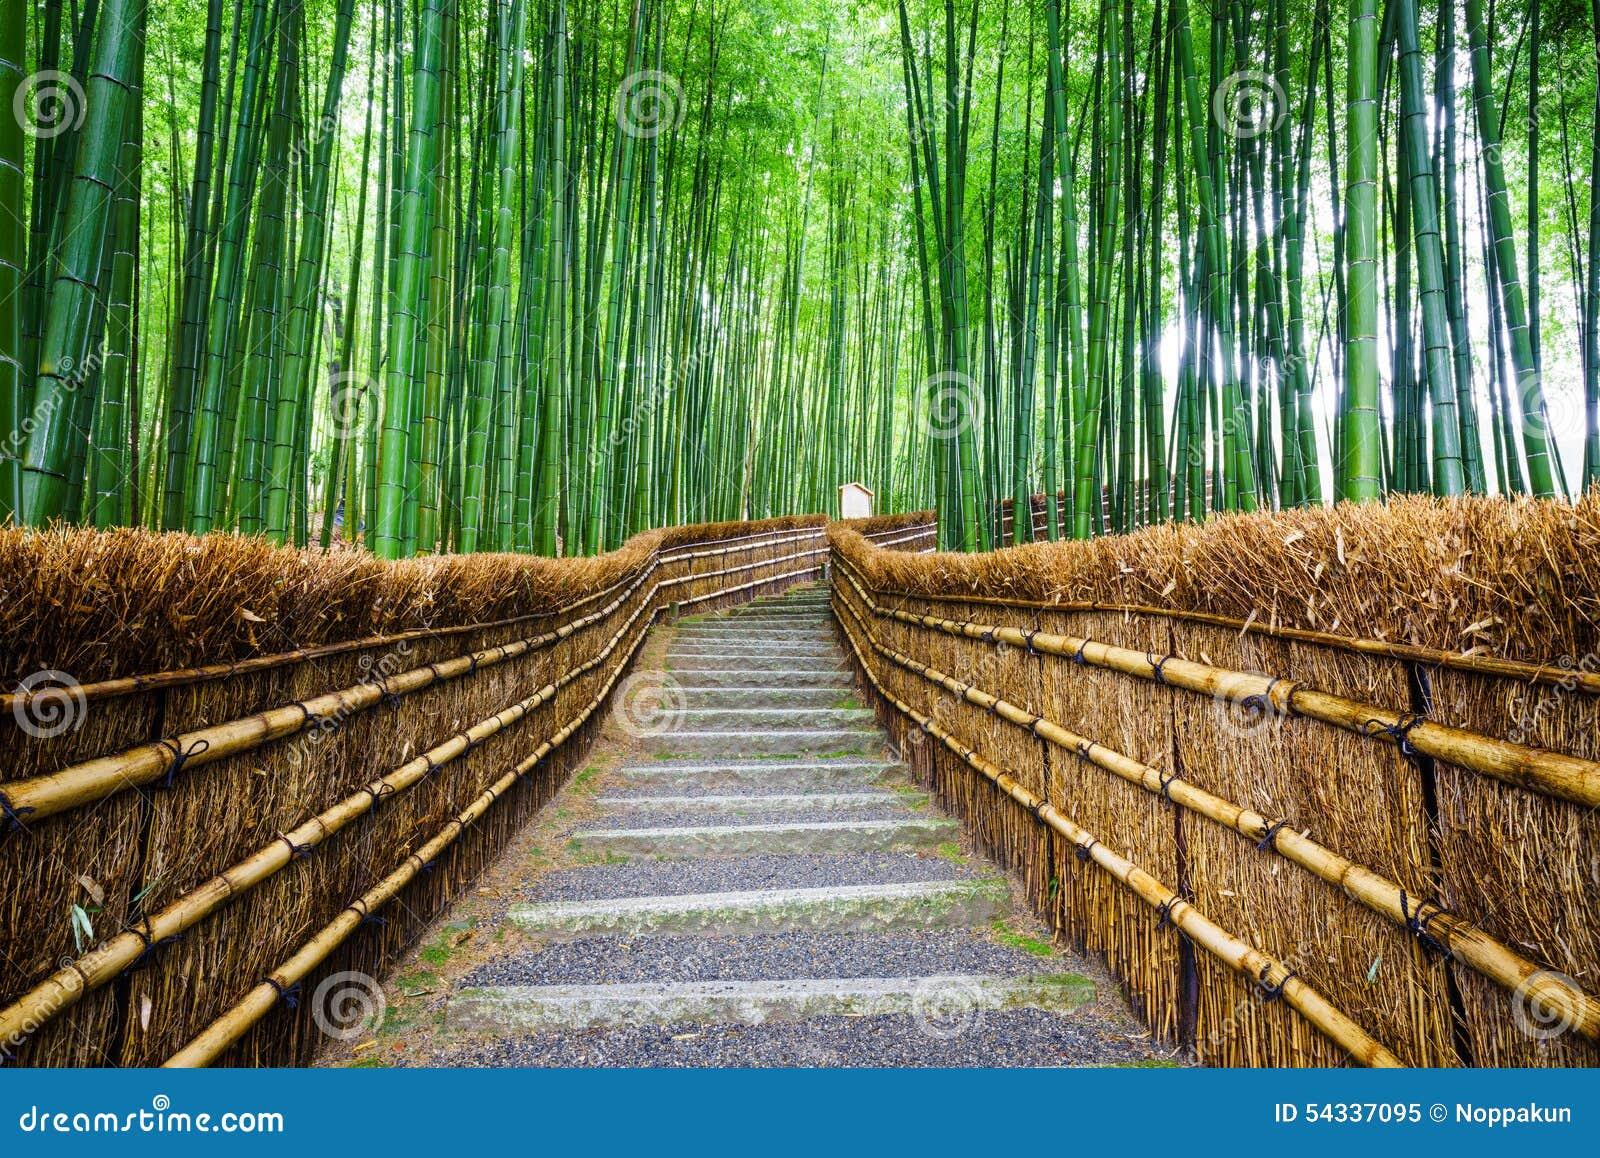 Trayectoria al bosque de bambú, Arashiyama, Kyoto, Japón